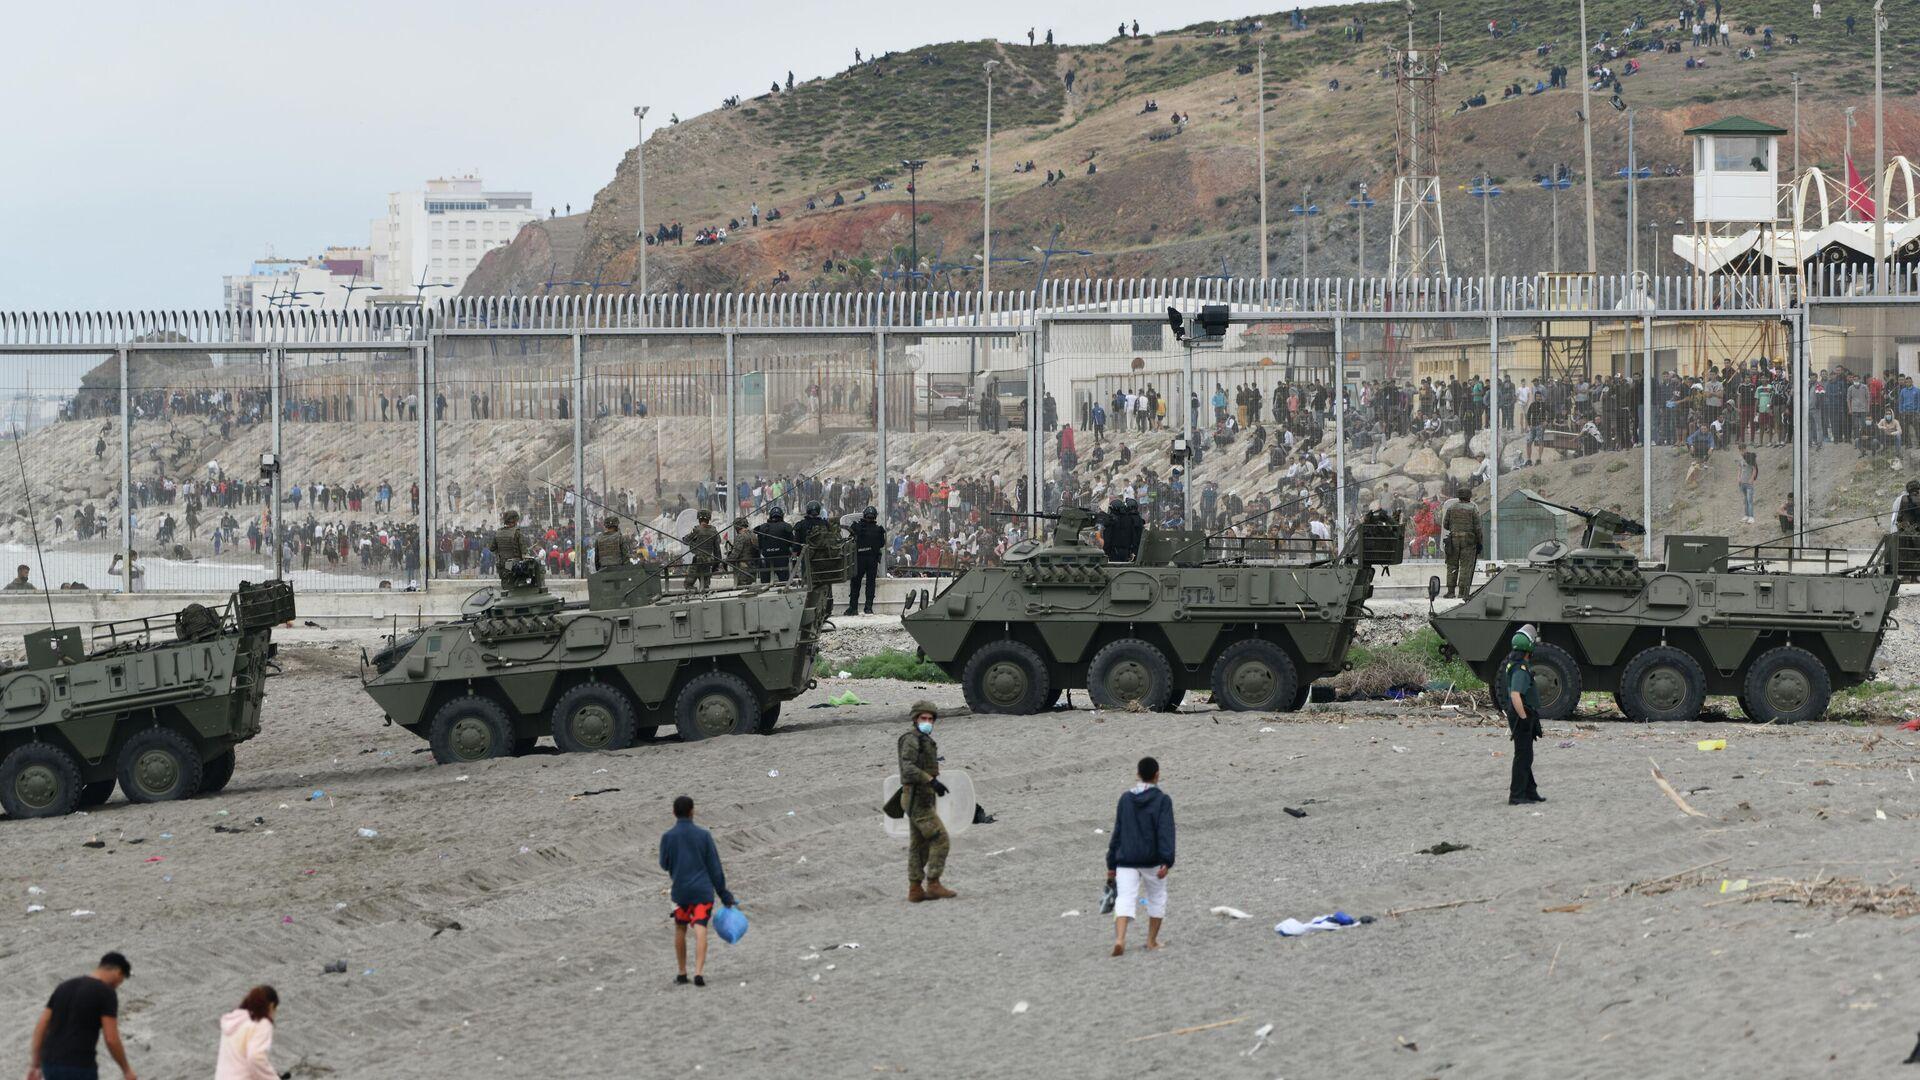 El Ejército español devuelve en caliente a los migrantes que han entrado por Ceuta - Sputnik Mundo, 1920, 26.05.2021